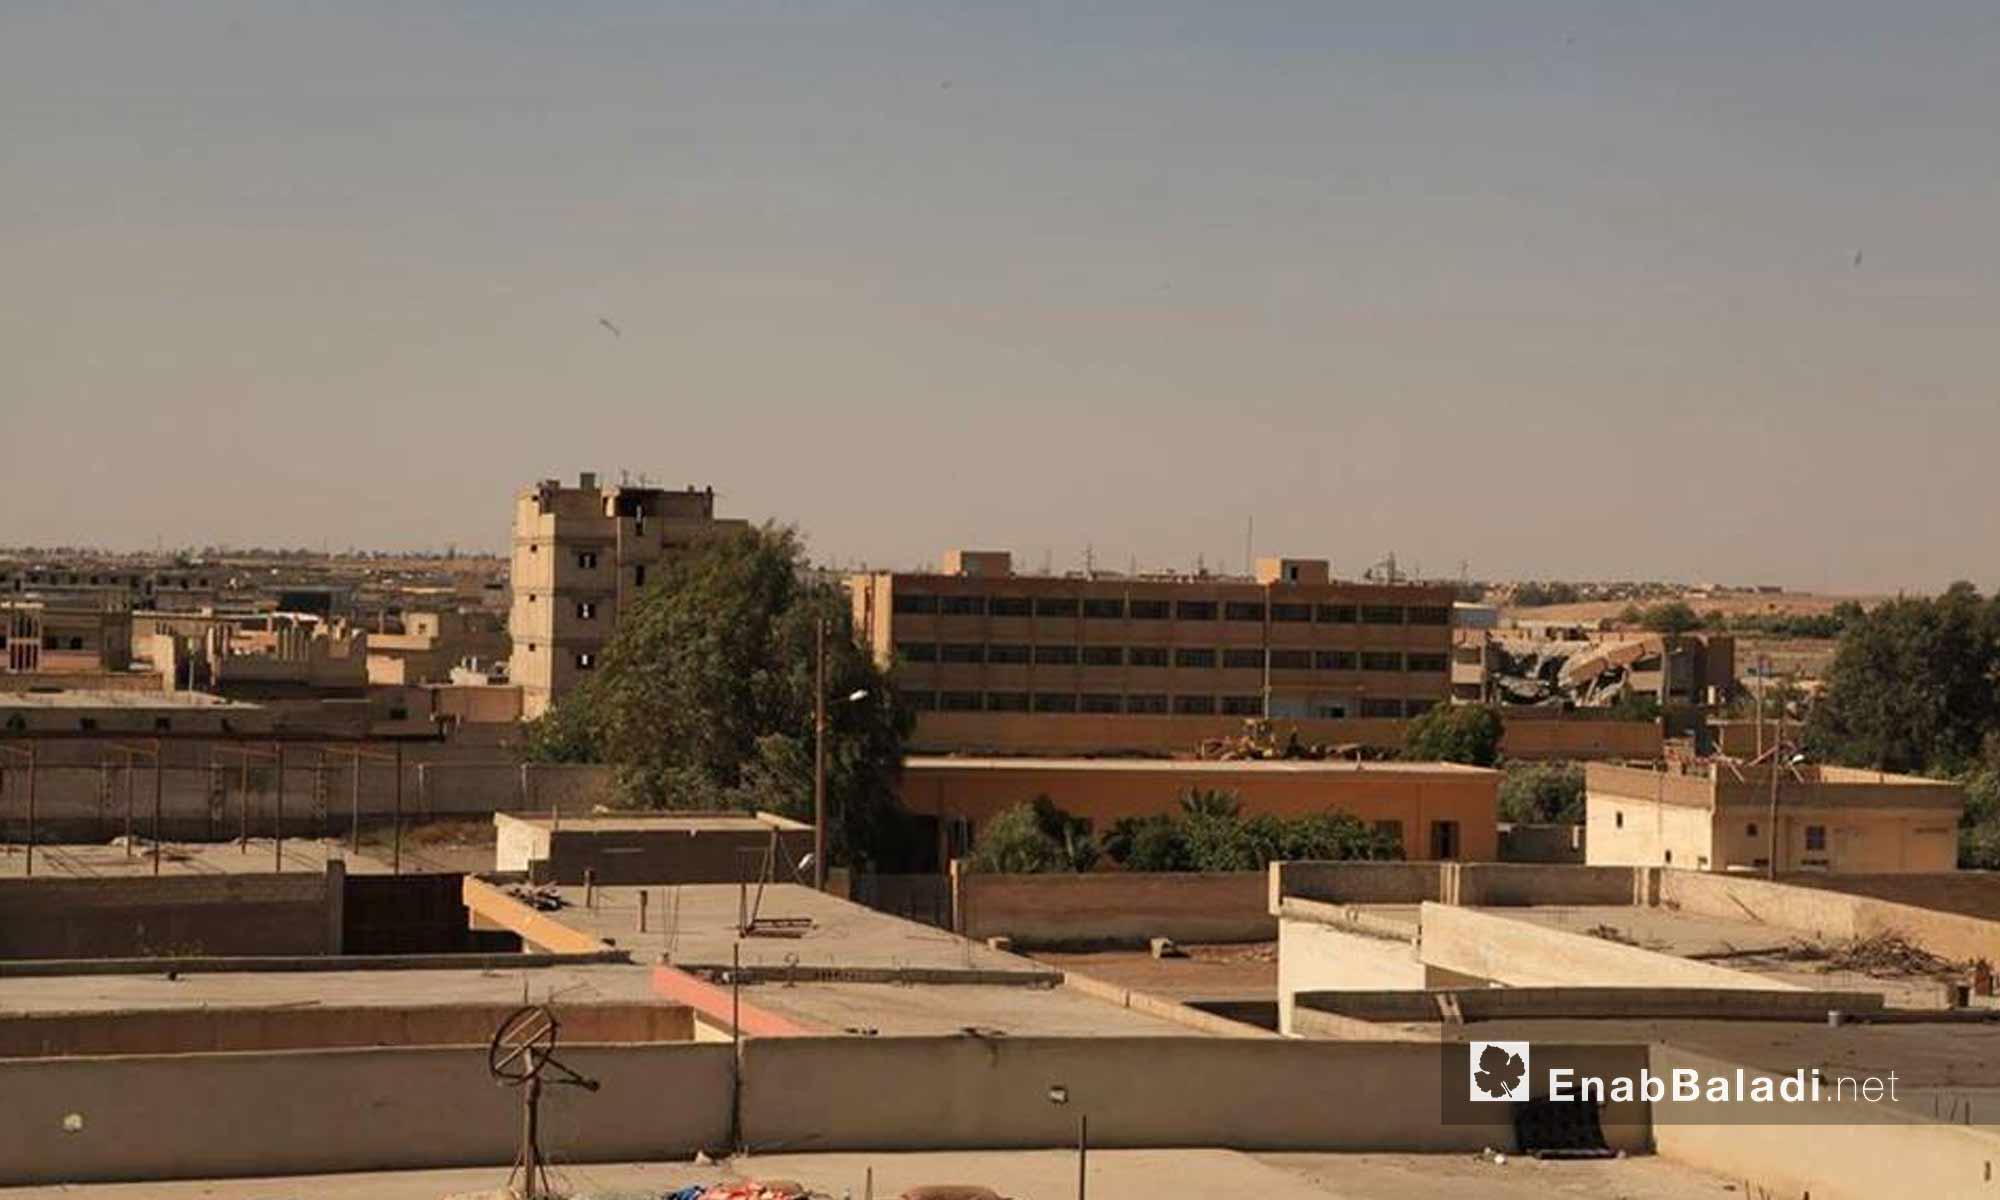 بديل حي الصناعة في مدينة الرقة بعد سيطرة قوات سوريا الديموقراطية عليه - 28 تموز 2017 - (عنب بلدي)